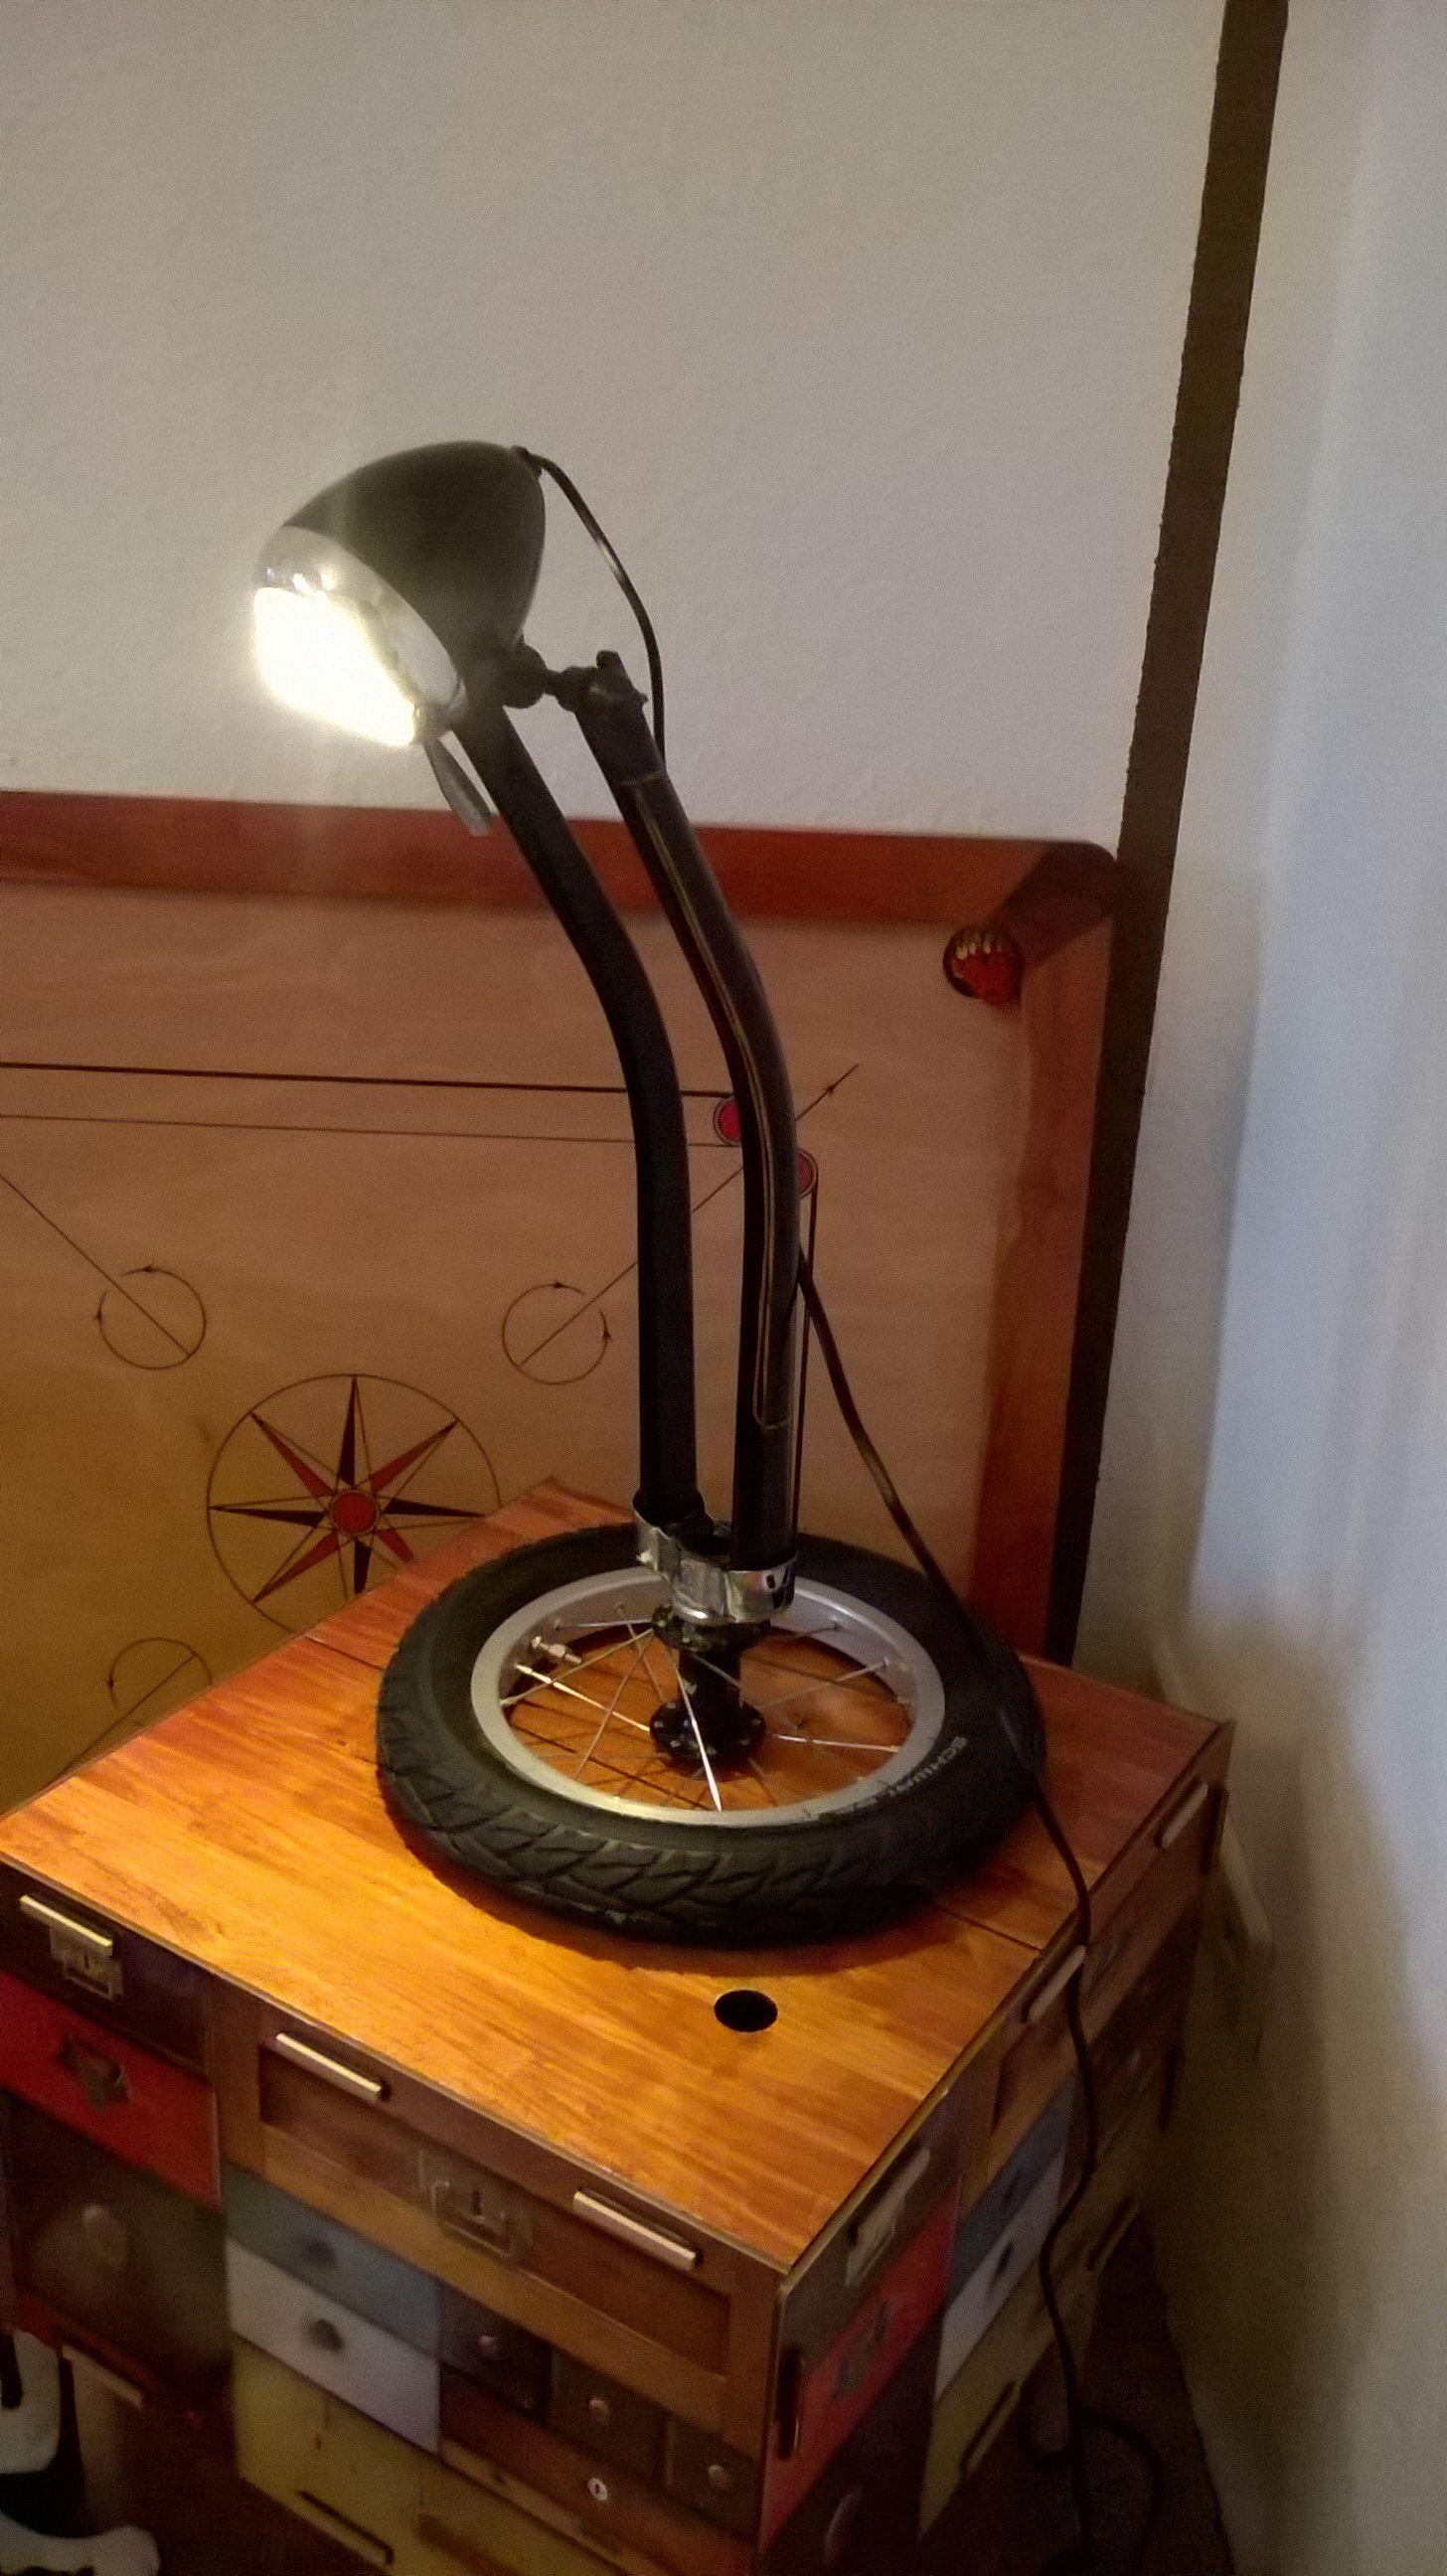 Erstaunlich Upcycling Fahrrad Das Beste Von Lampe Aus Einer Fahrradgabel Möbel